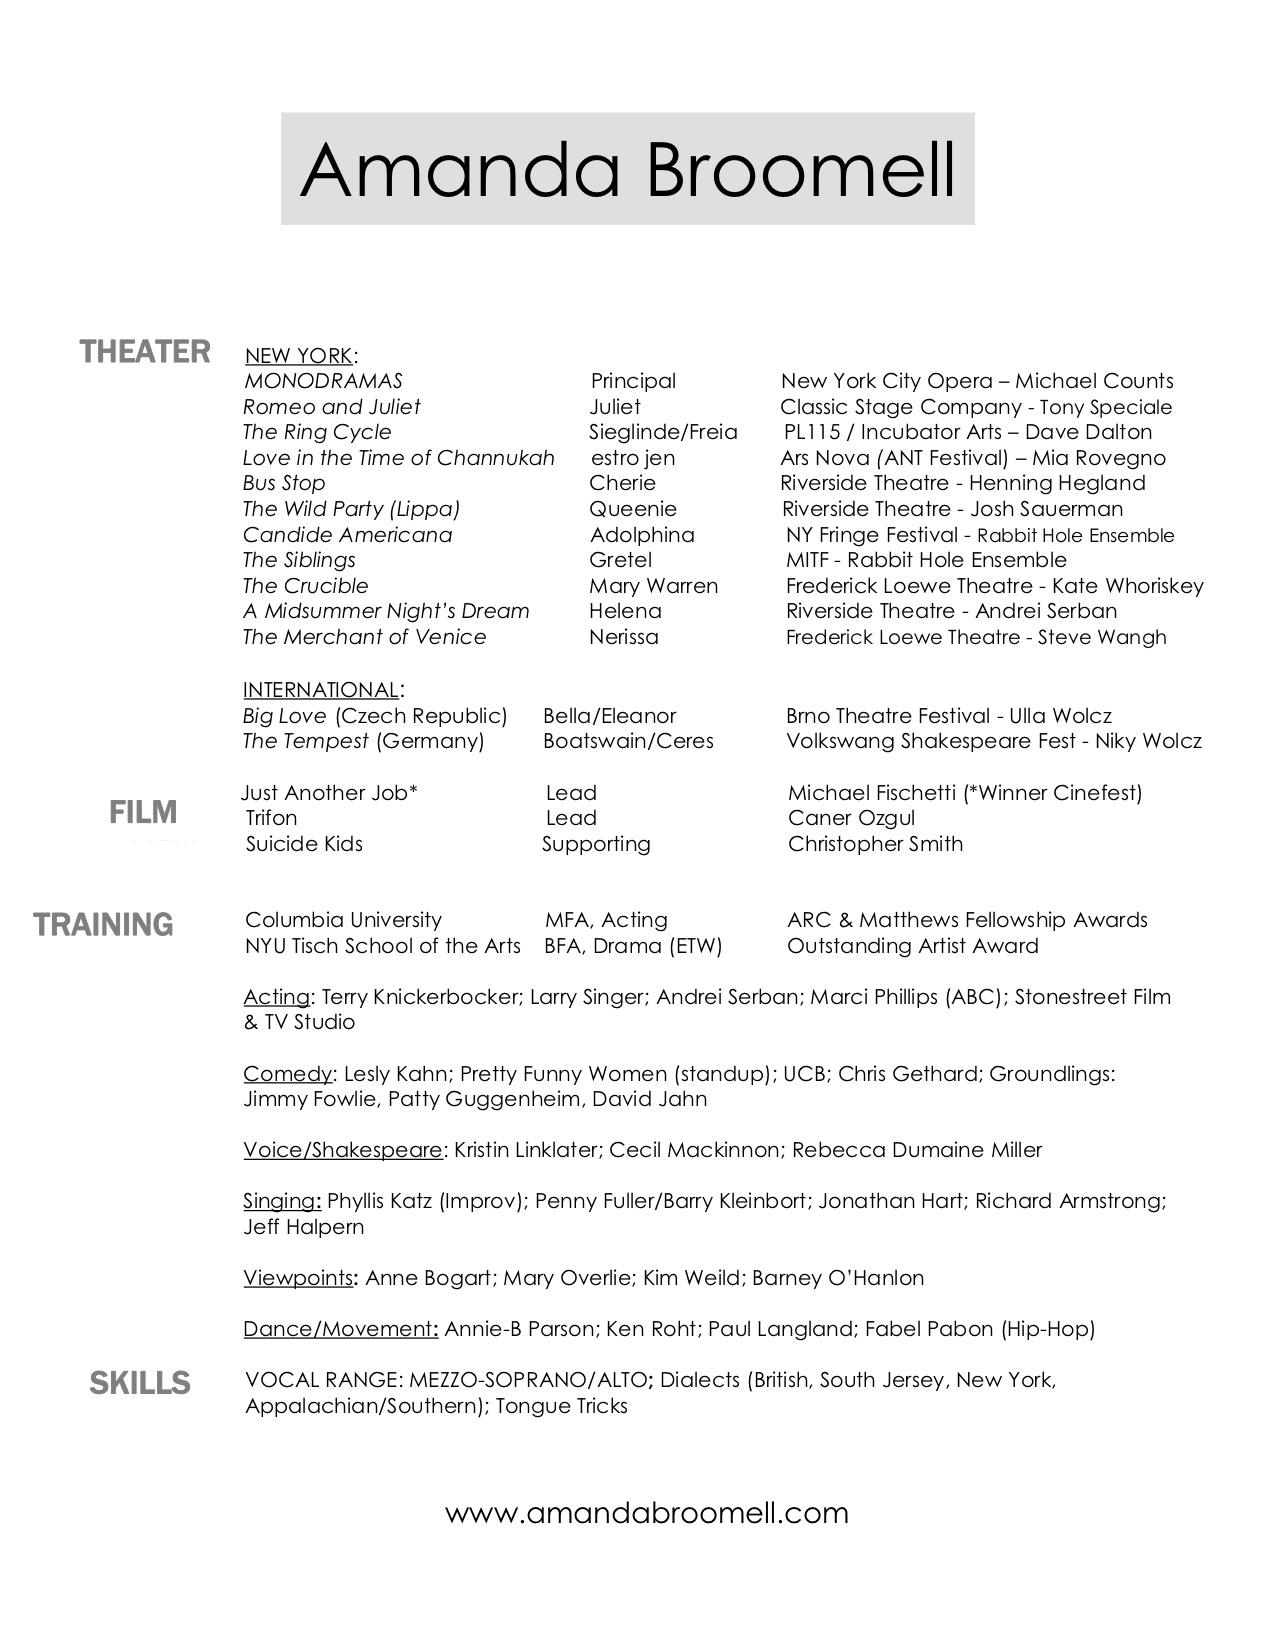 Amanda-Broomell-Resume-2019